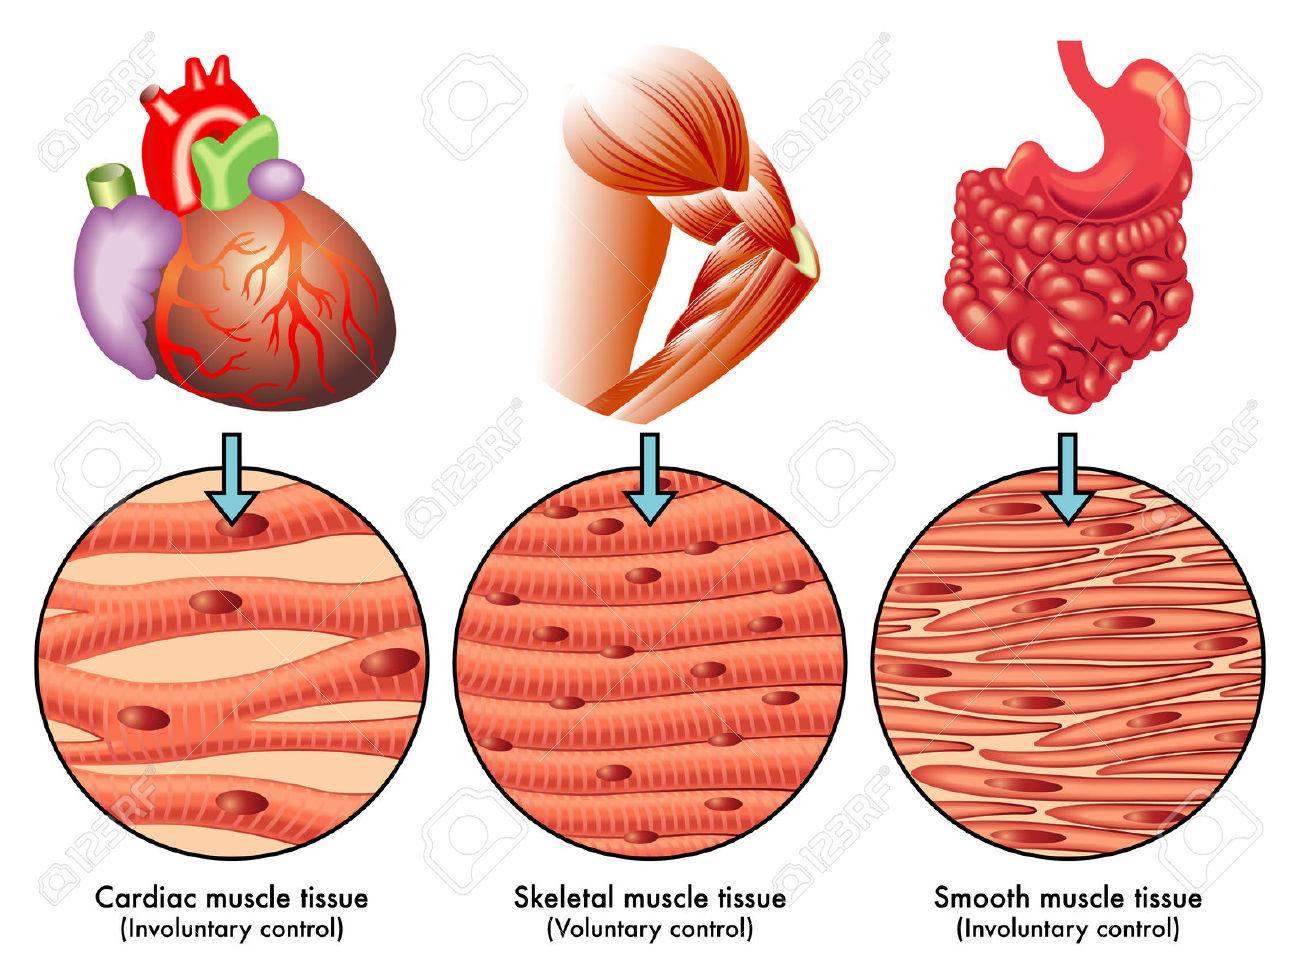 cardiac muscle tissue diagram labeled gm 7 pin trailer wiring funciones tipos y propiedades del tejido muscular